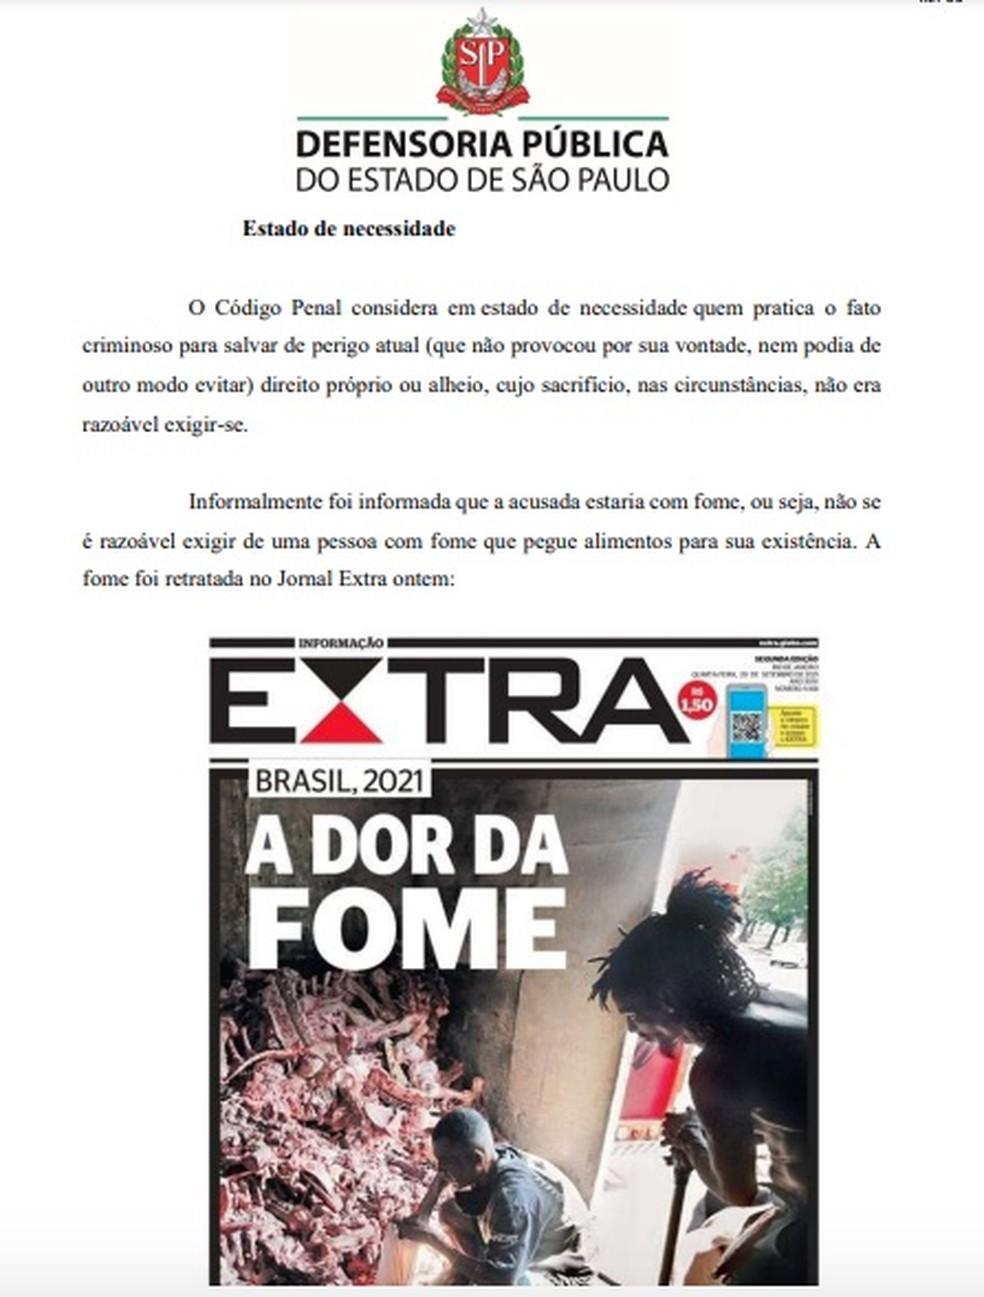 Defensoria anexa capa do Jornal Extra ao pedido de soltura de mulher acusada de furtar alimentos para comer em São Paulo. — Foto: Reprodução